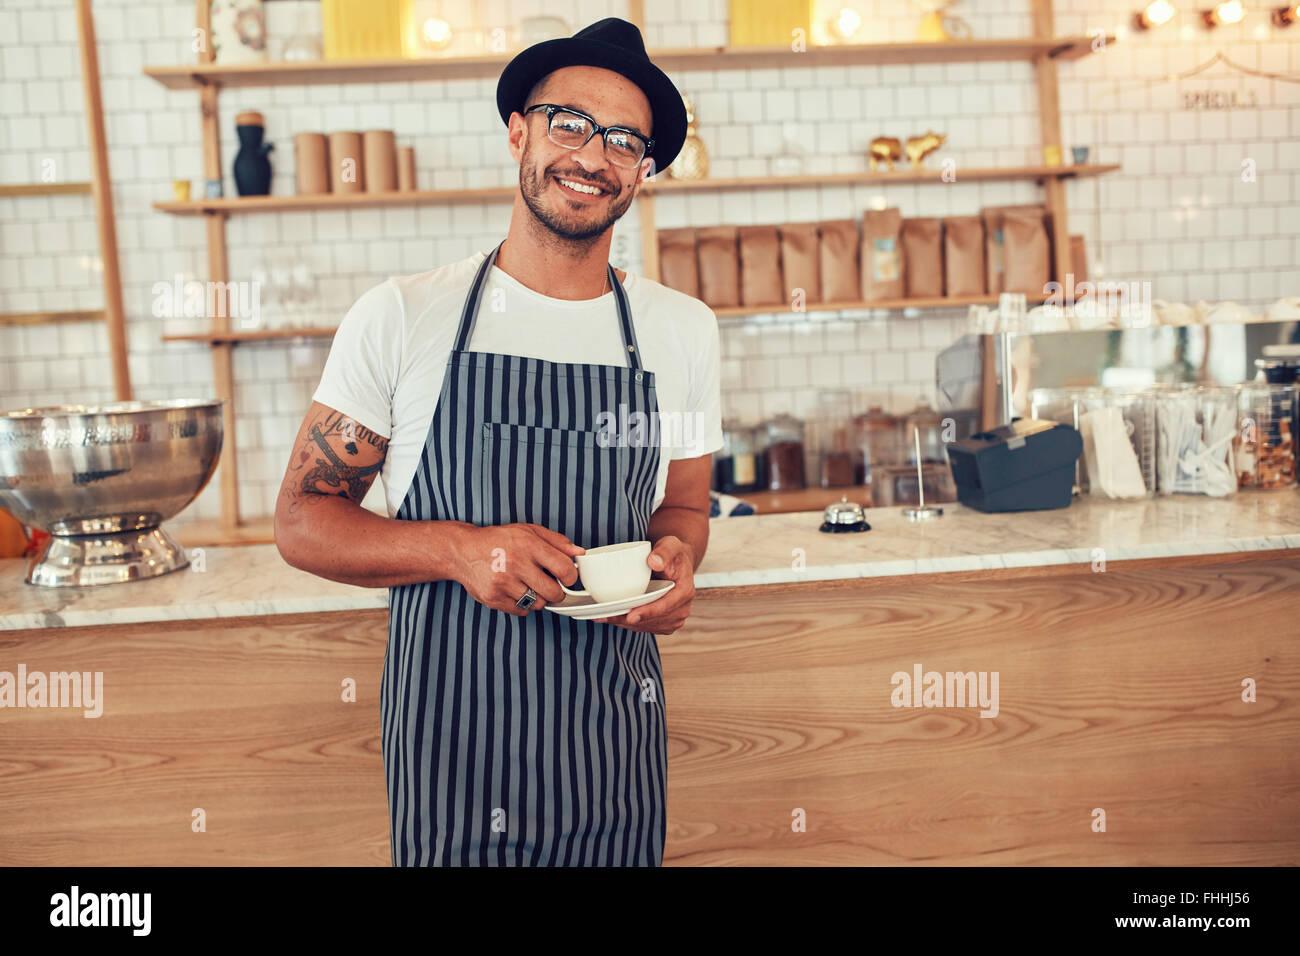 Ritratto di felice giovane barista al lavoro. Uomo caucasico indossando il grembiule e cappello in piedi nella parte Immagini Stock